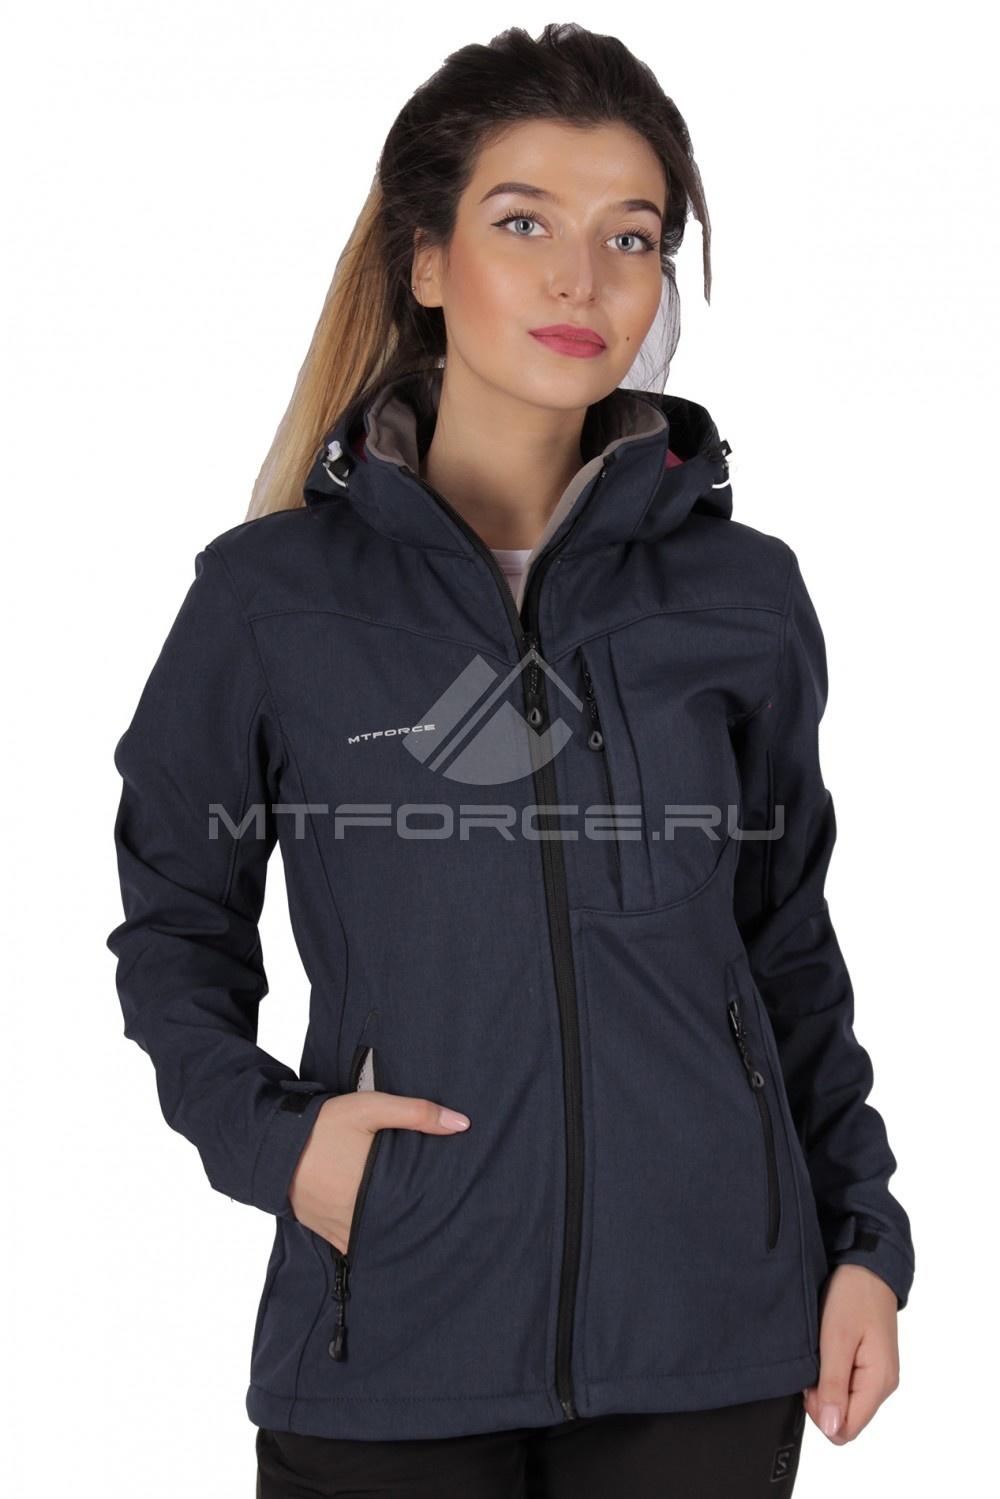 Купить                                  оптом Ветровка - виндстоппер женская темно-синего цвета 1721TS в Санкт-Петербурге